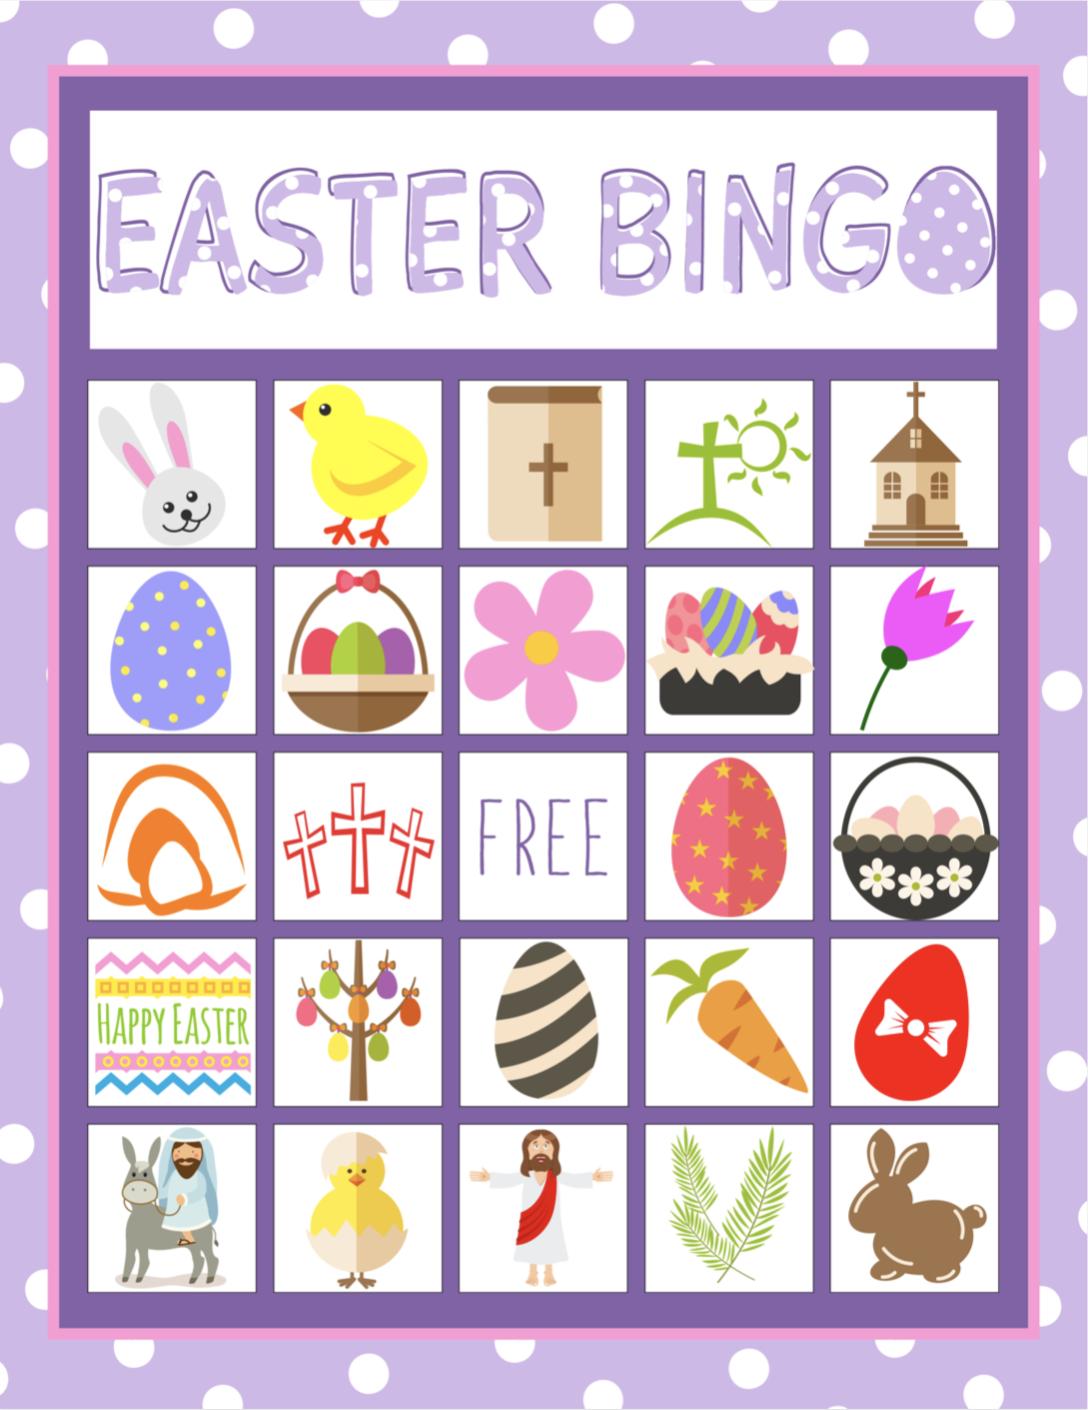 Easter Bingo Game For Kids   Children's Pastor Only   Easter Bingo - Free Printable Bible Bingo For Preschoolers